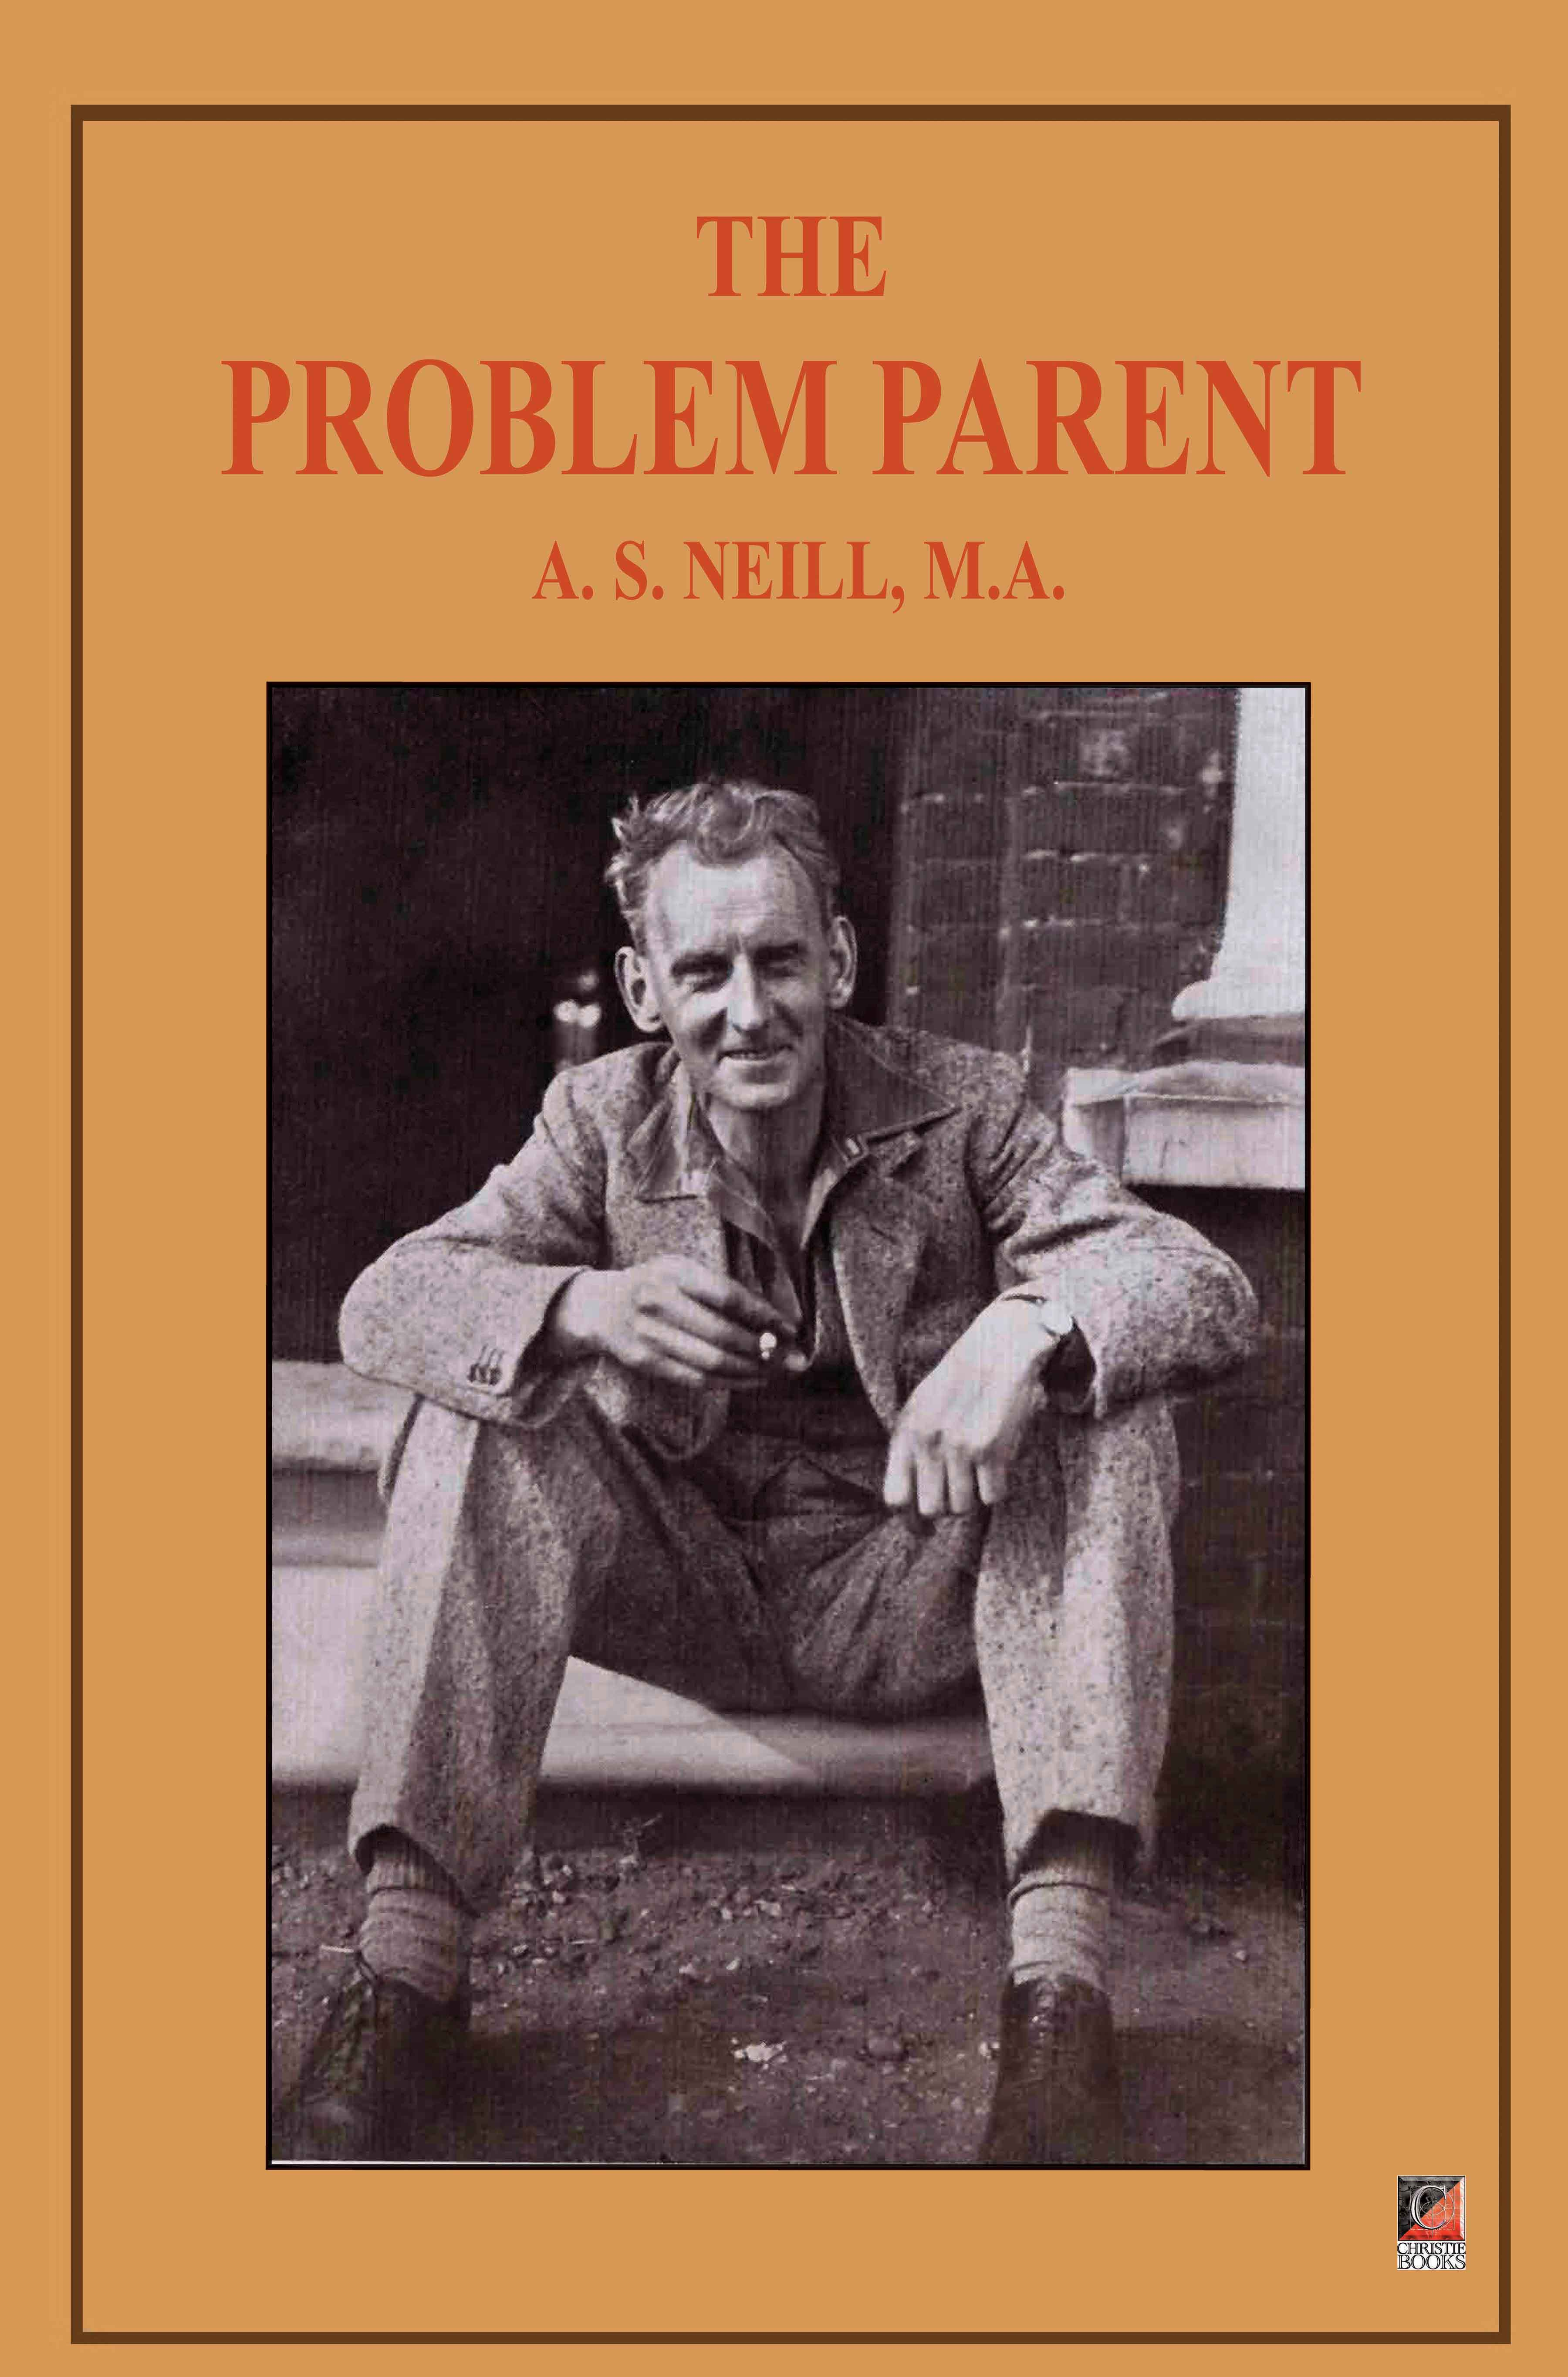 THE PROBLEM PARENT